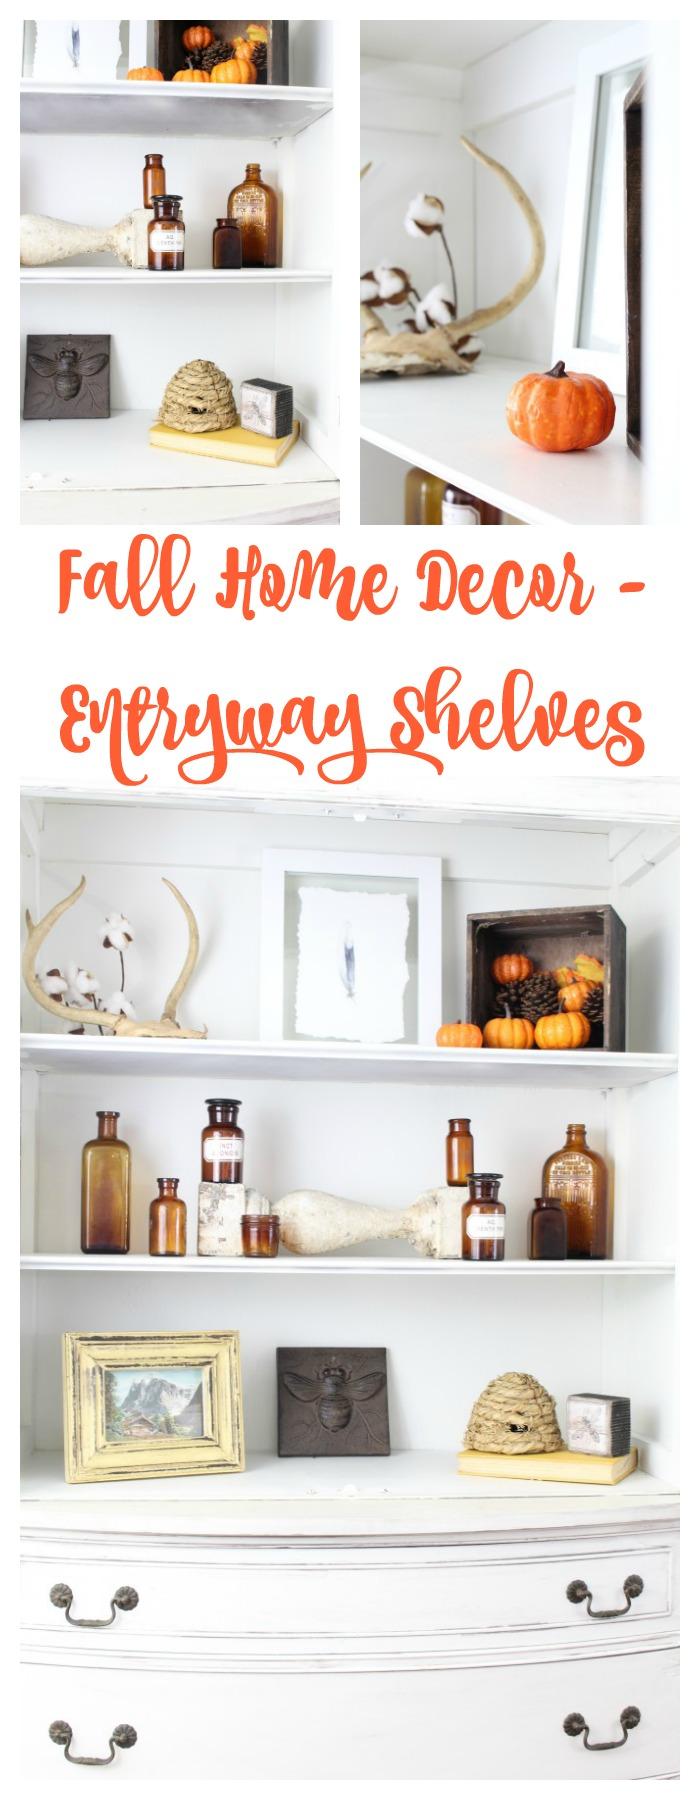 Fall home decor entryway shelves